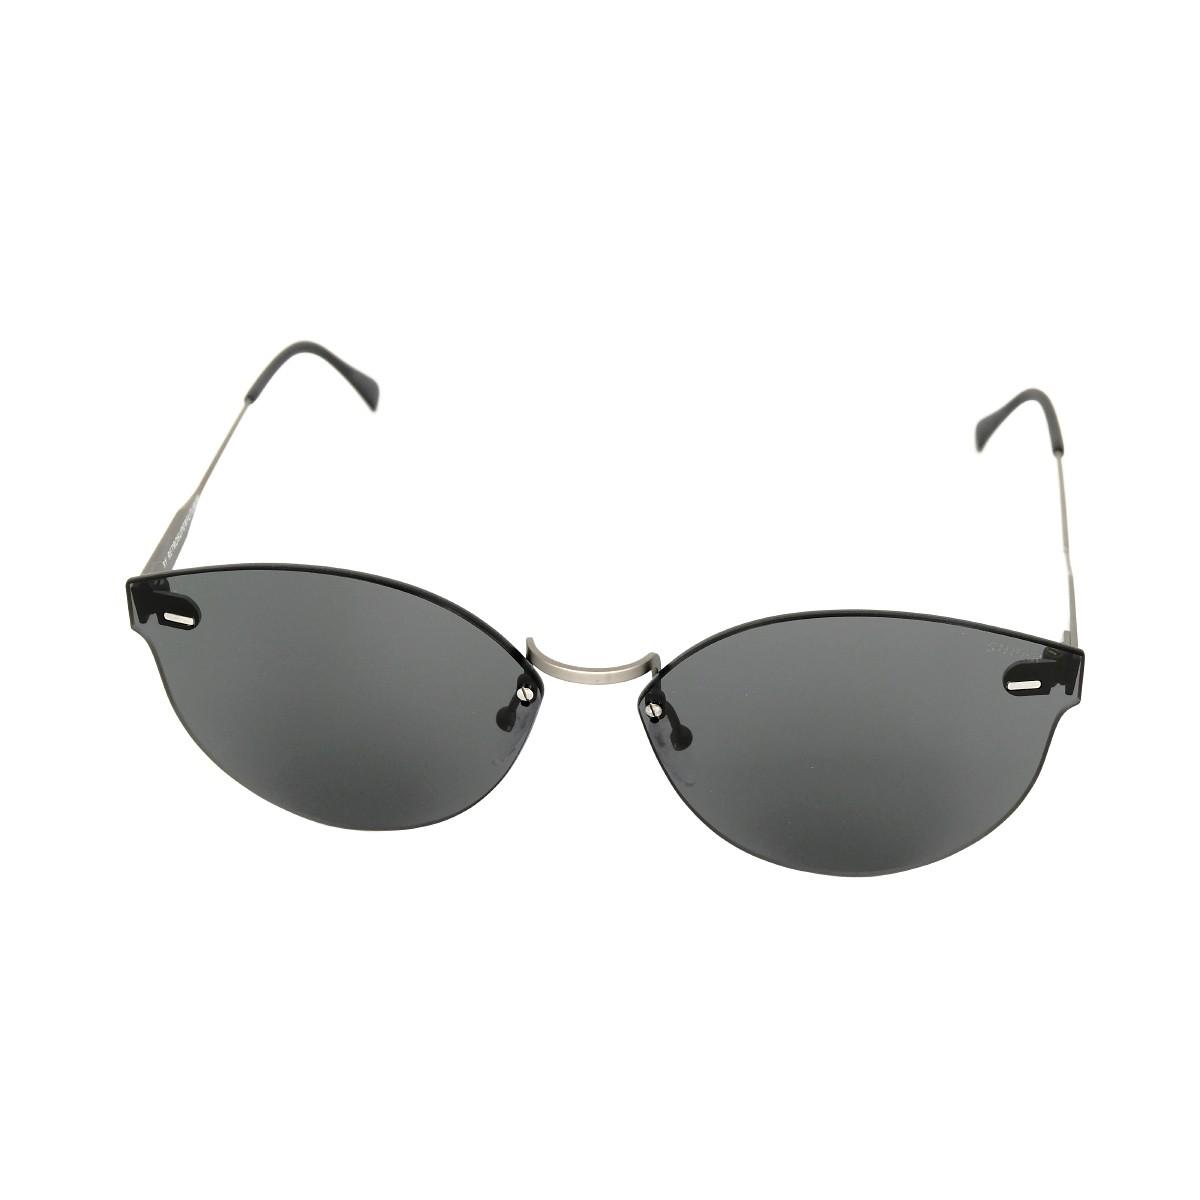 Super Tuttolente Panama Black, 140,00€, Occhiali Super Nero a forma Mascherina